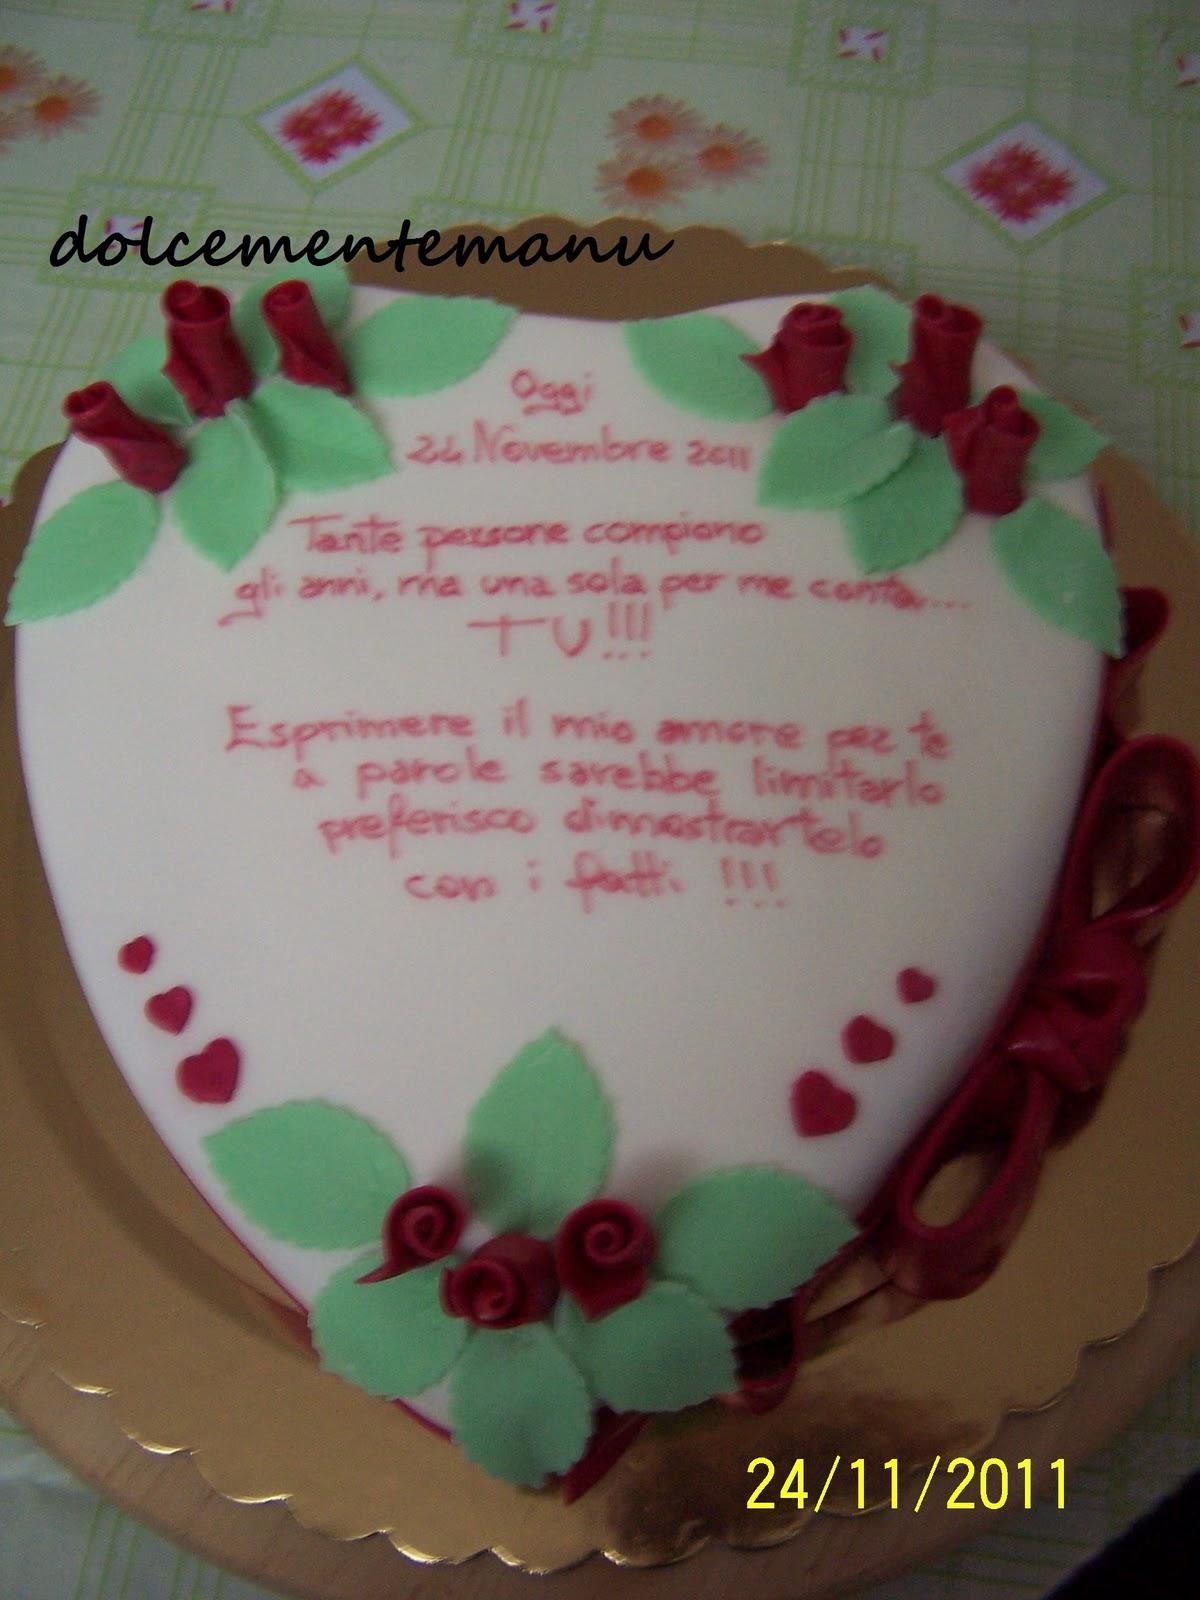 Conosciuto dolcementemanu: promessa di matrimonio! PB94